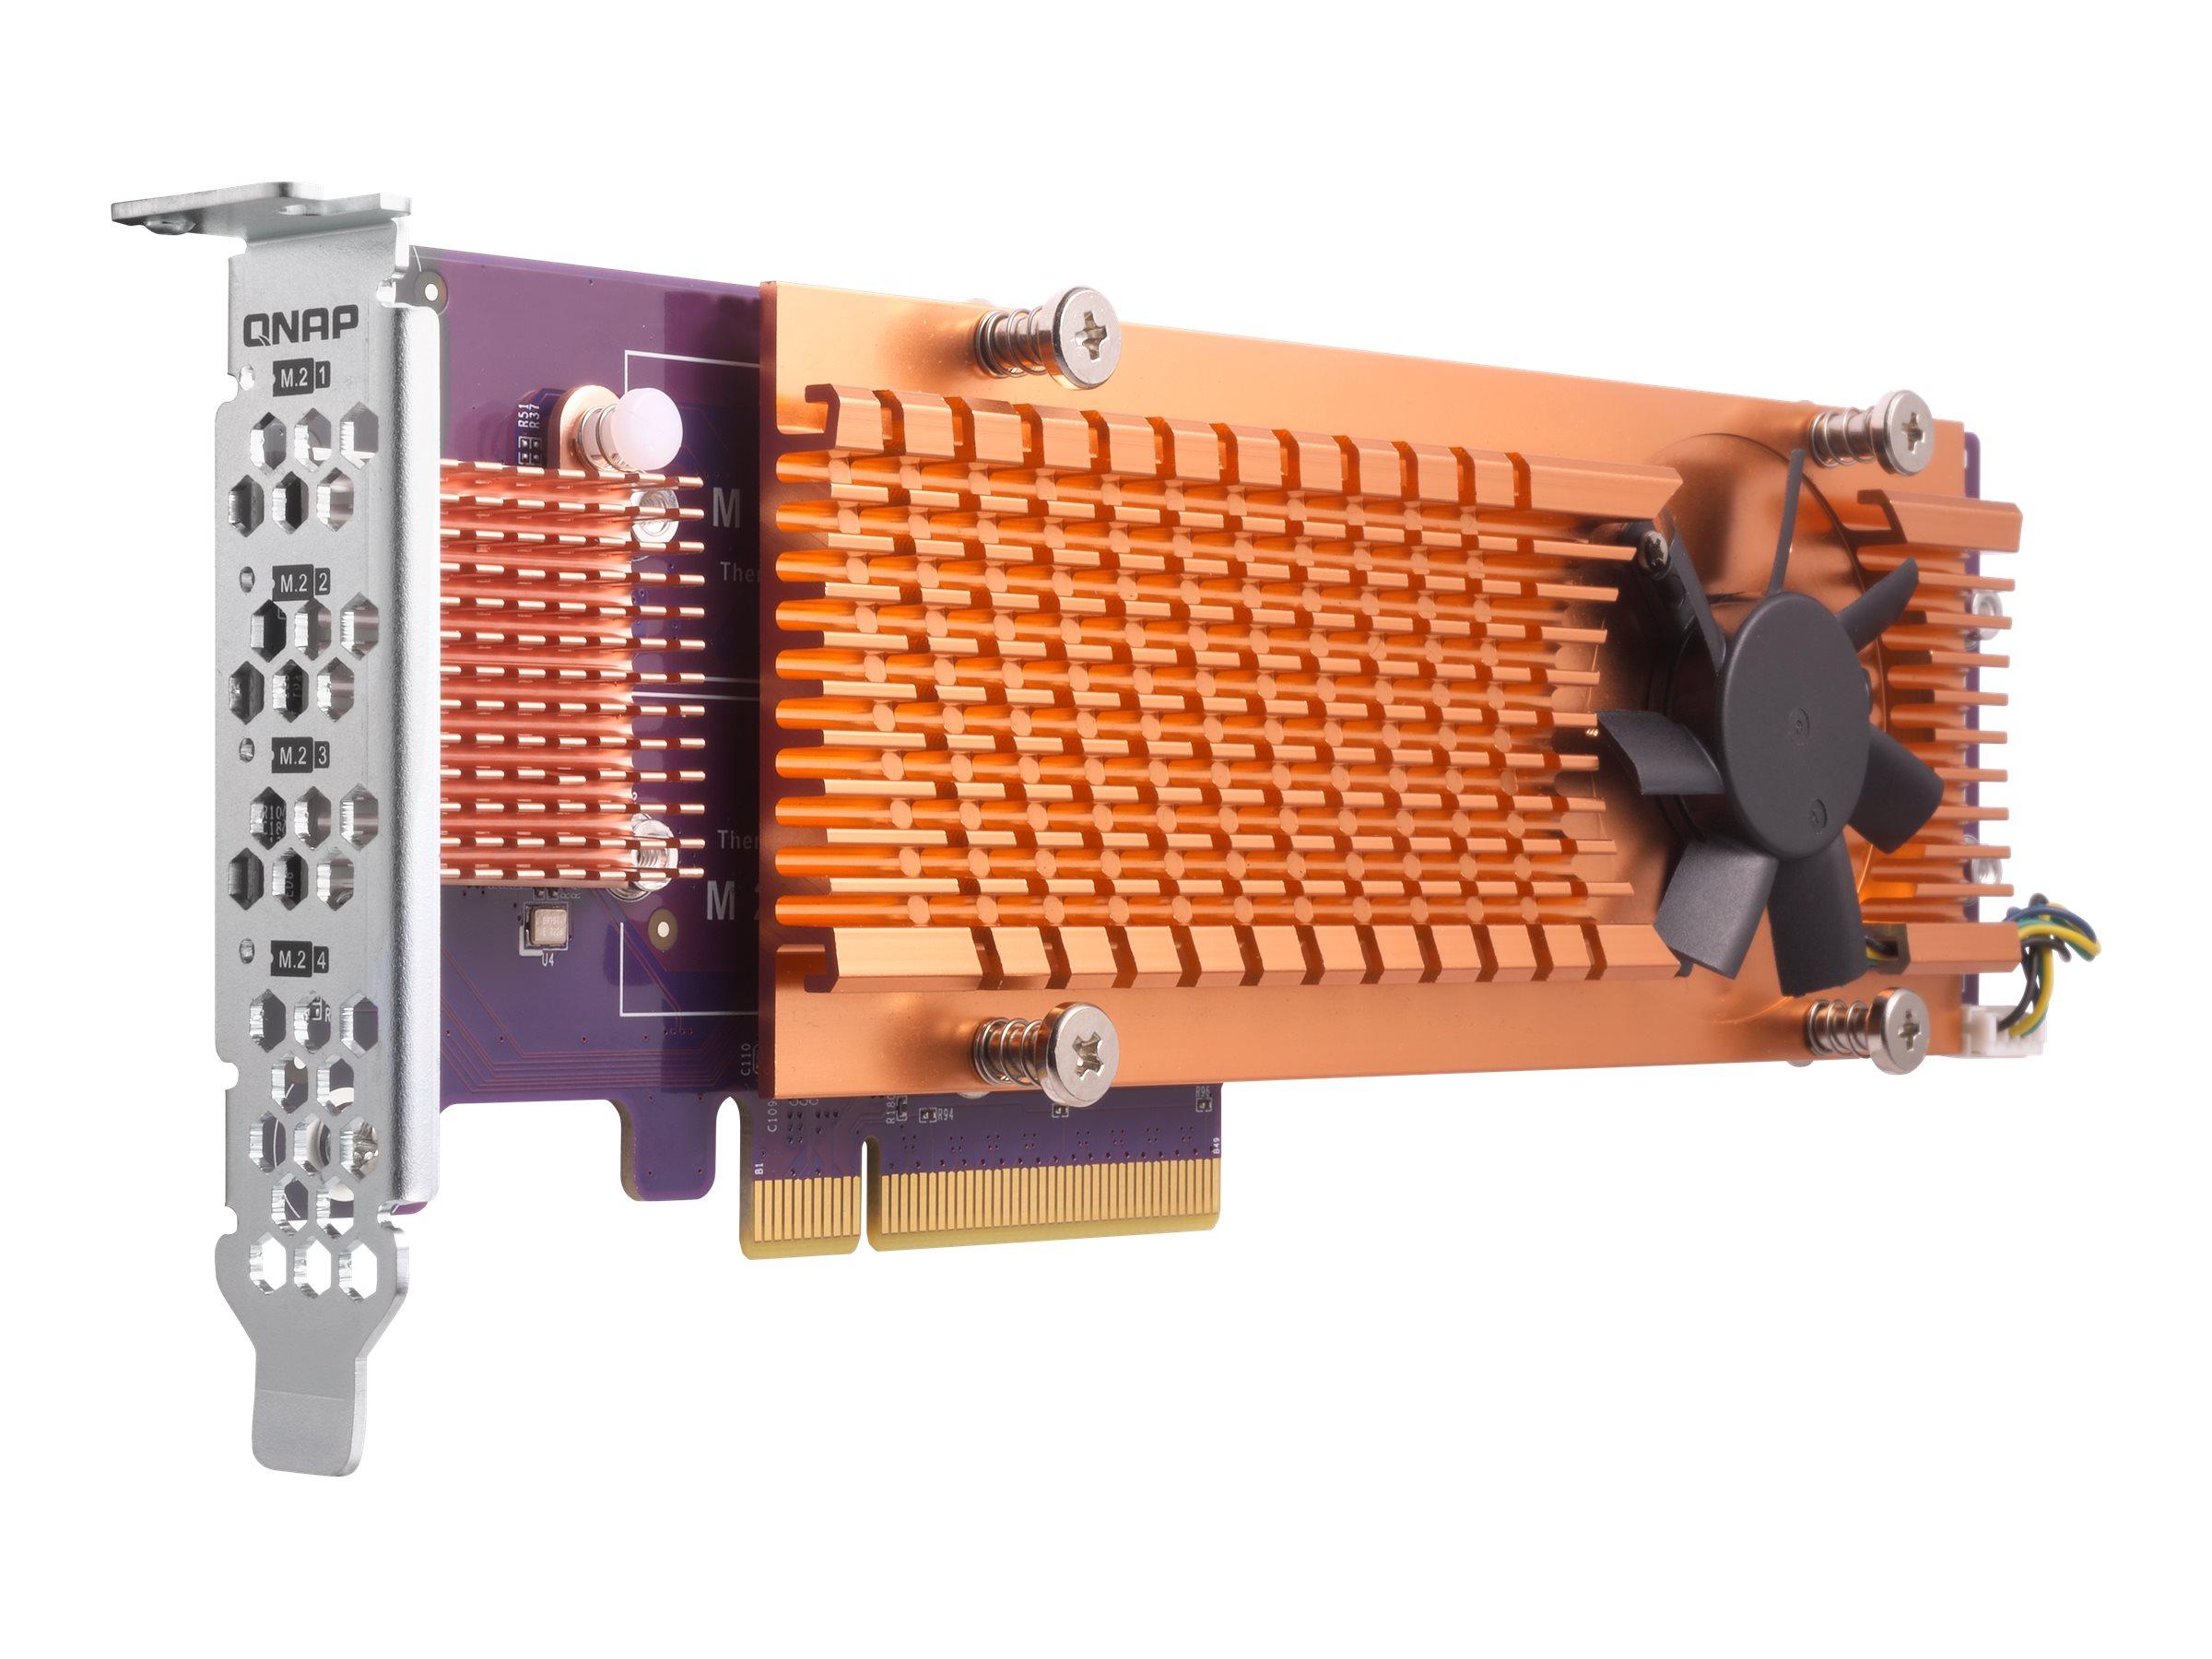 QNAP QM2-4P-384 - Speicher-Controller - PCIe 3.0 Low-Profile